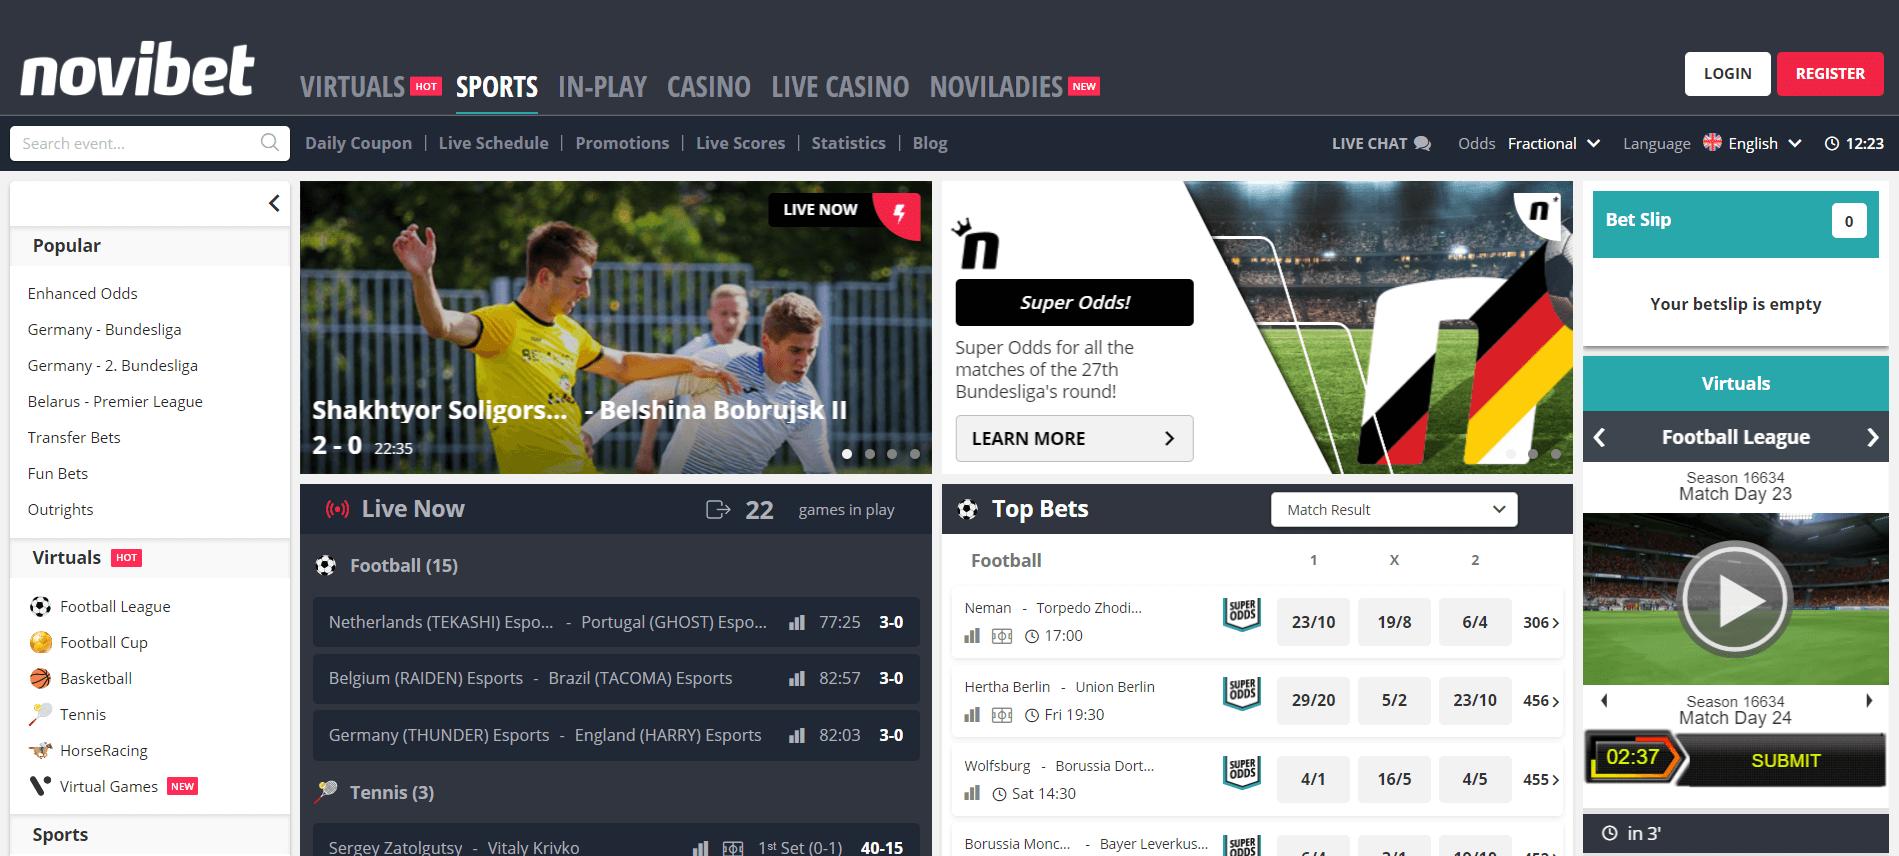 Novibet webpage screen capture